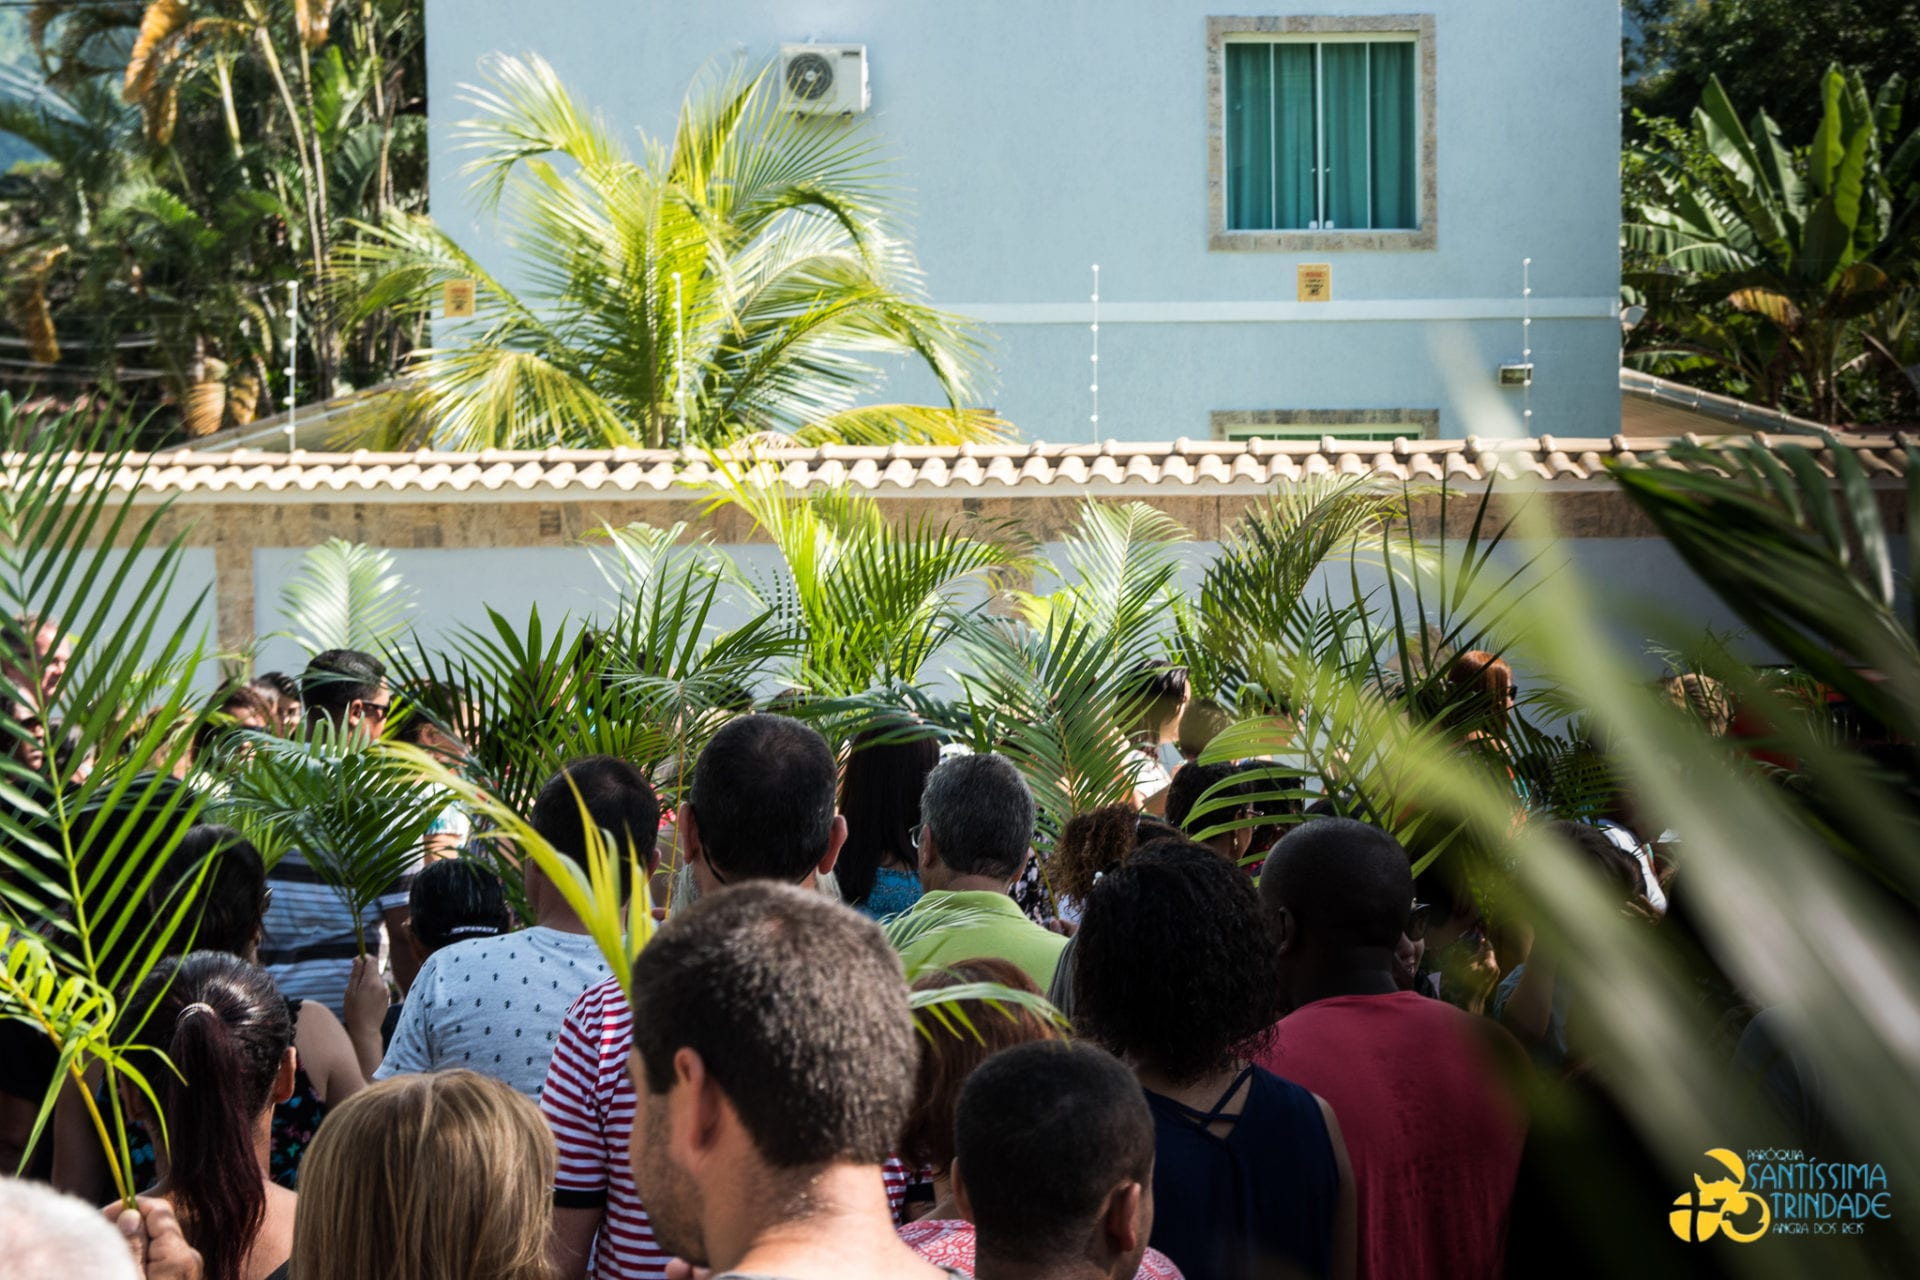 Semana Santa – Domingo de Ramos Santíssima/Village